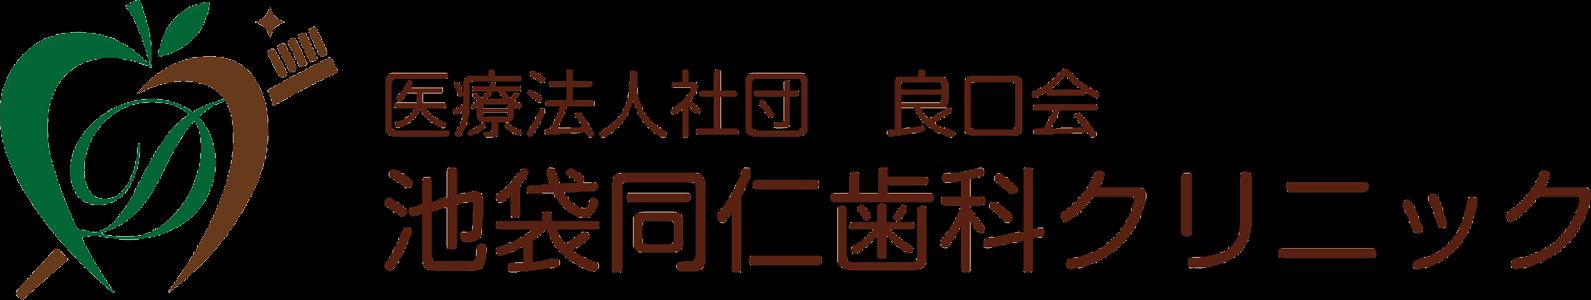 【池袋同仁歯科クリニック】平日20時まで診療/創業70年